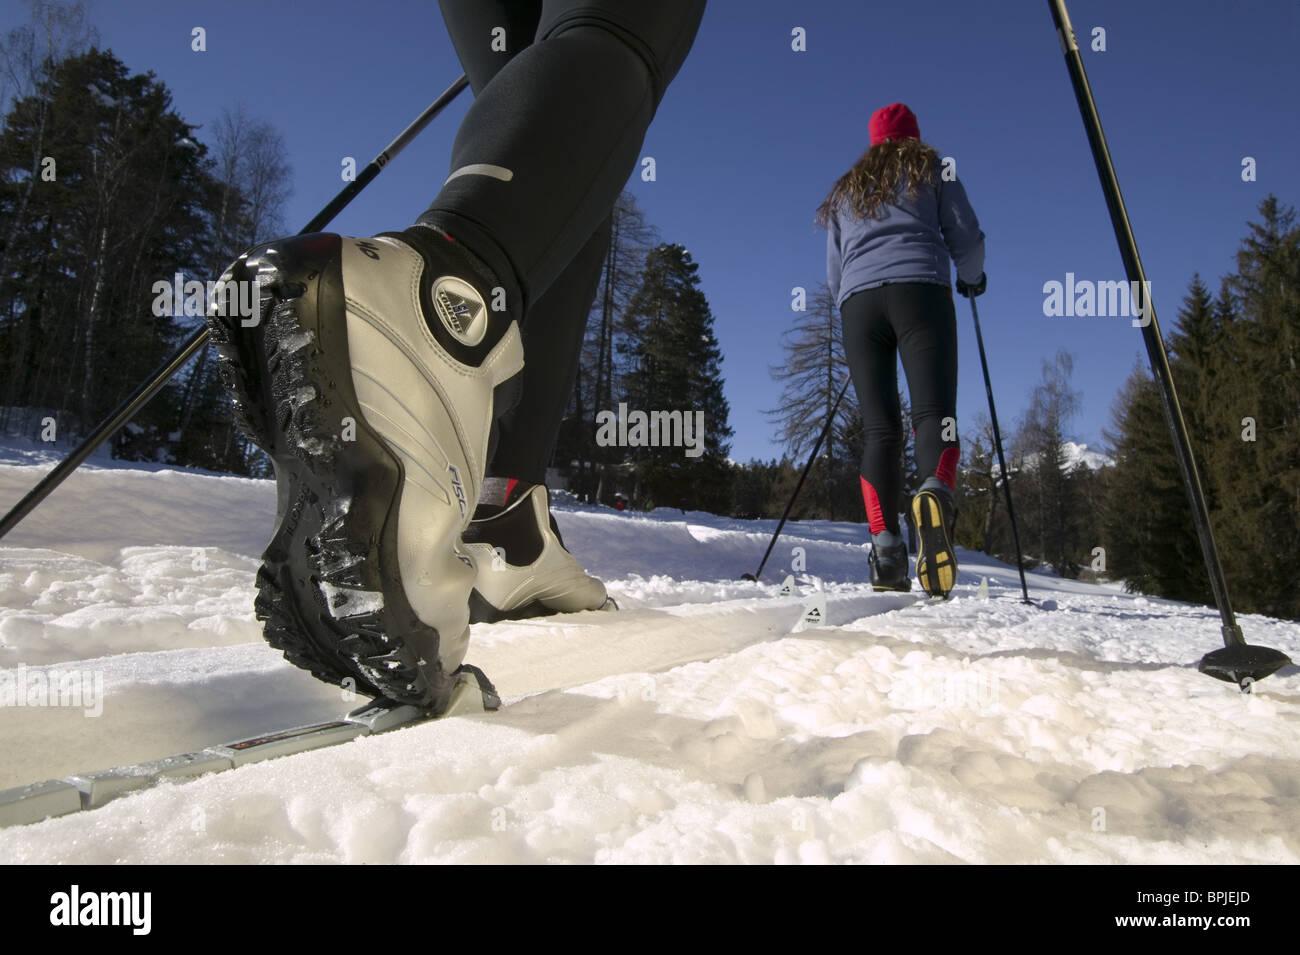 Les skieurs de fond, Close-up de chaussures et contraignant, Flims, Grisons, Suisse Banque D'Images